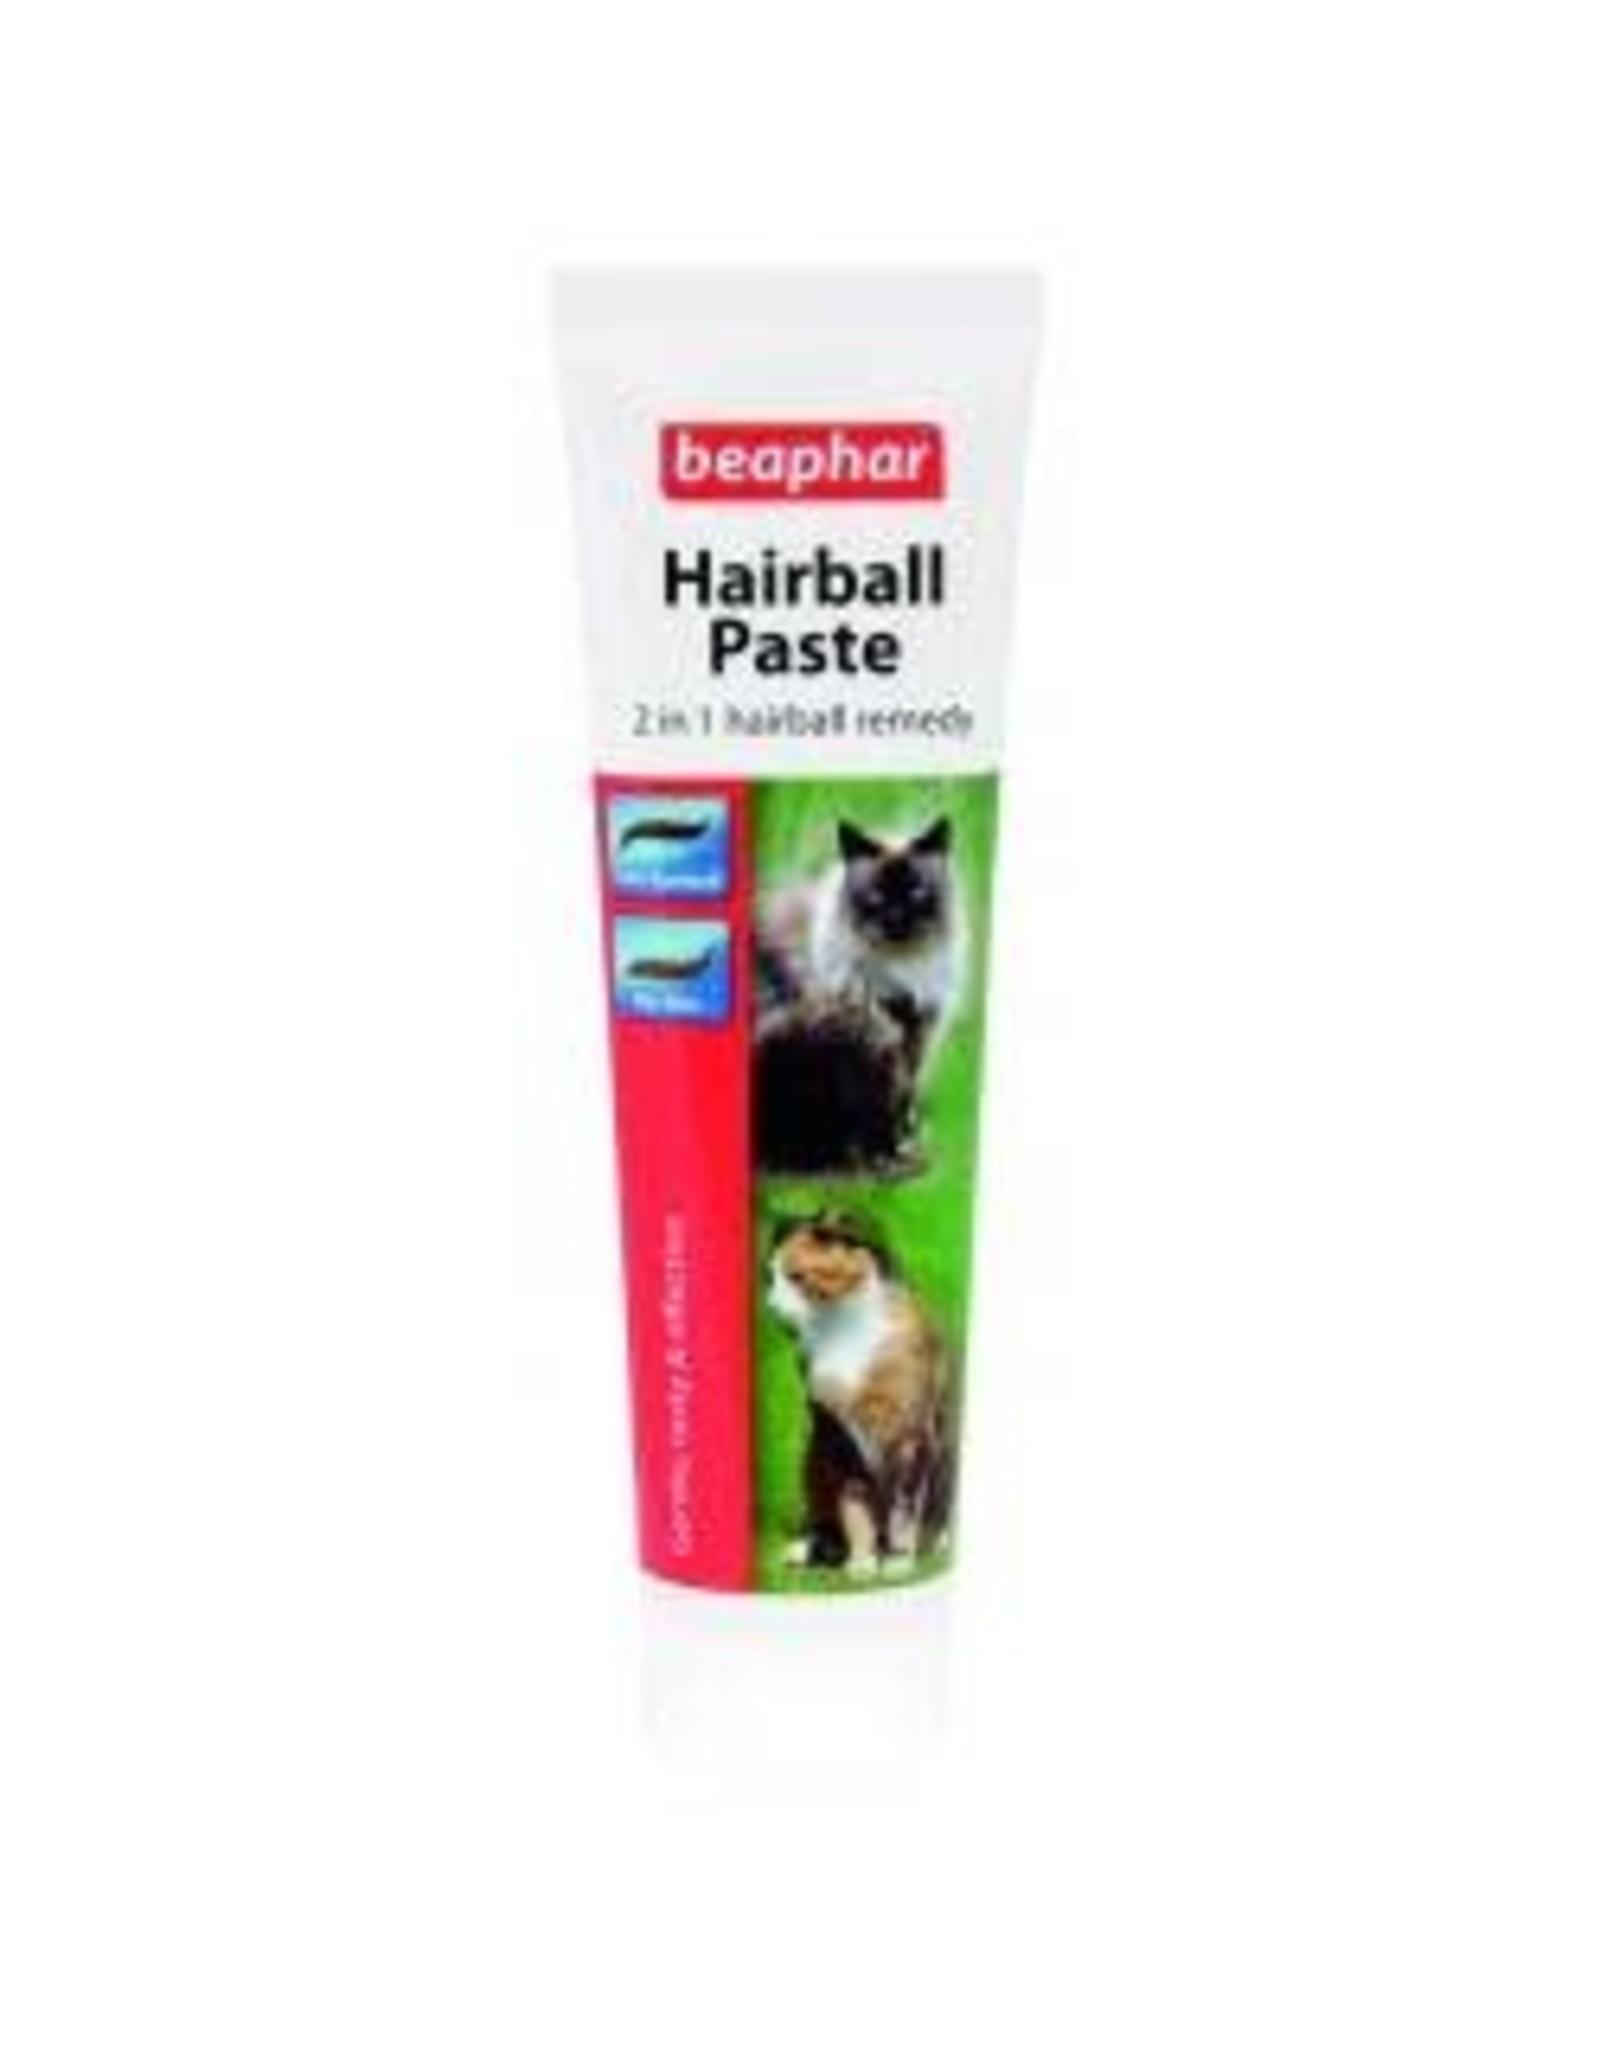 Beaphar Beaphar Hairball Paste 100g